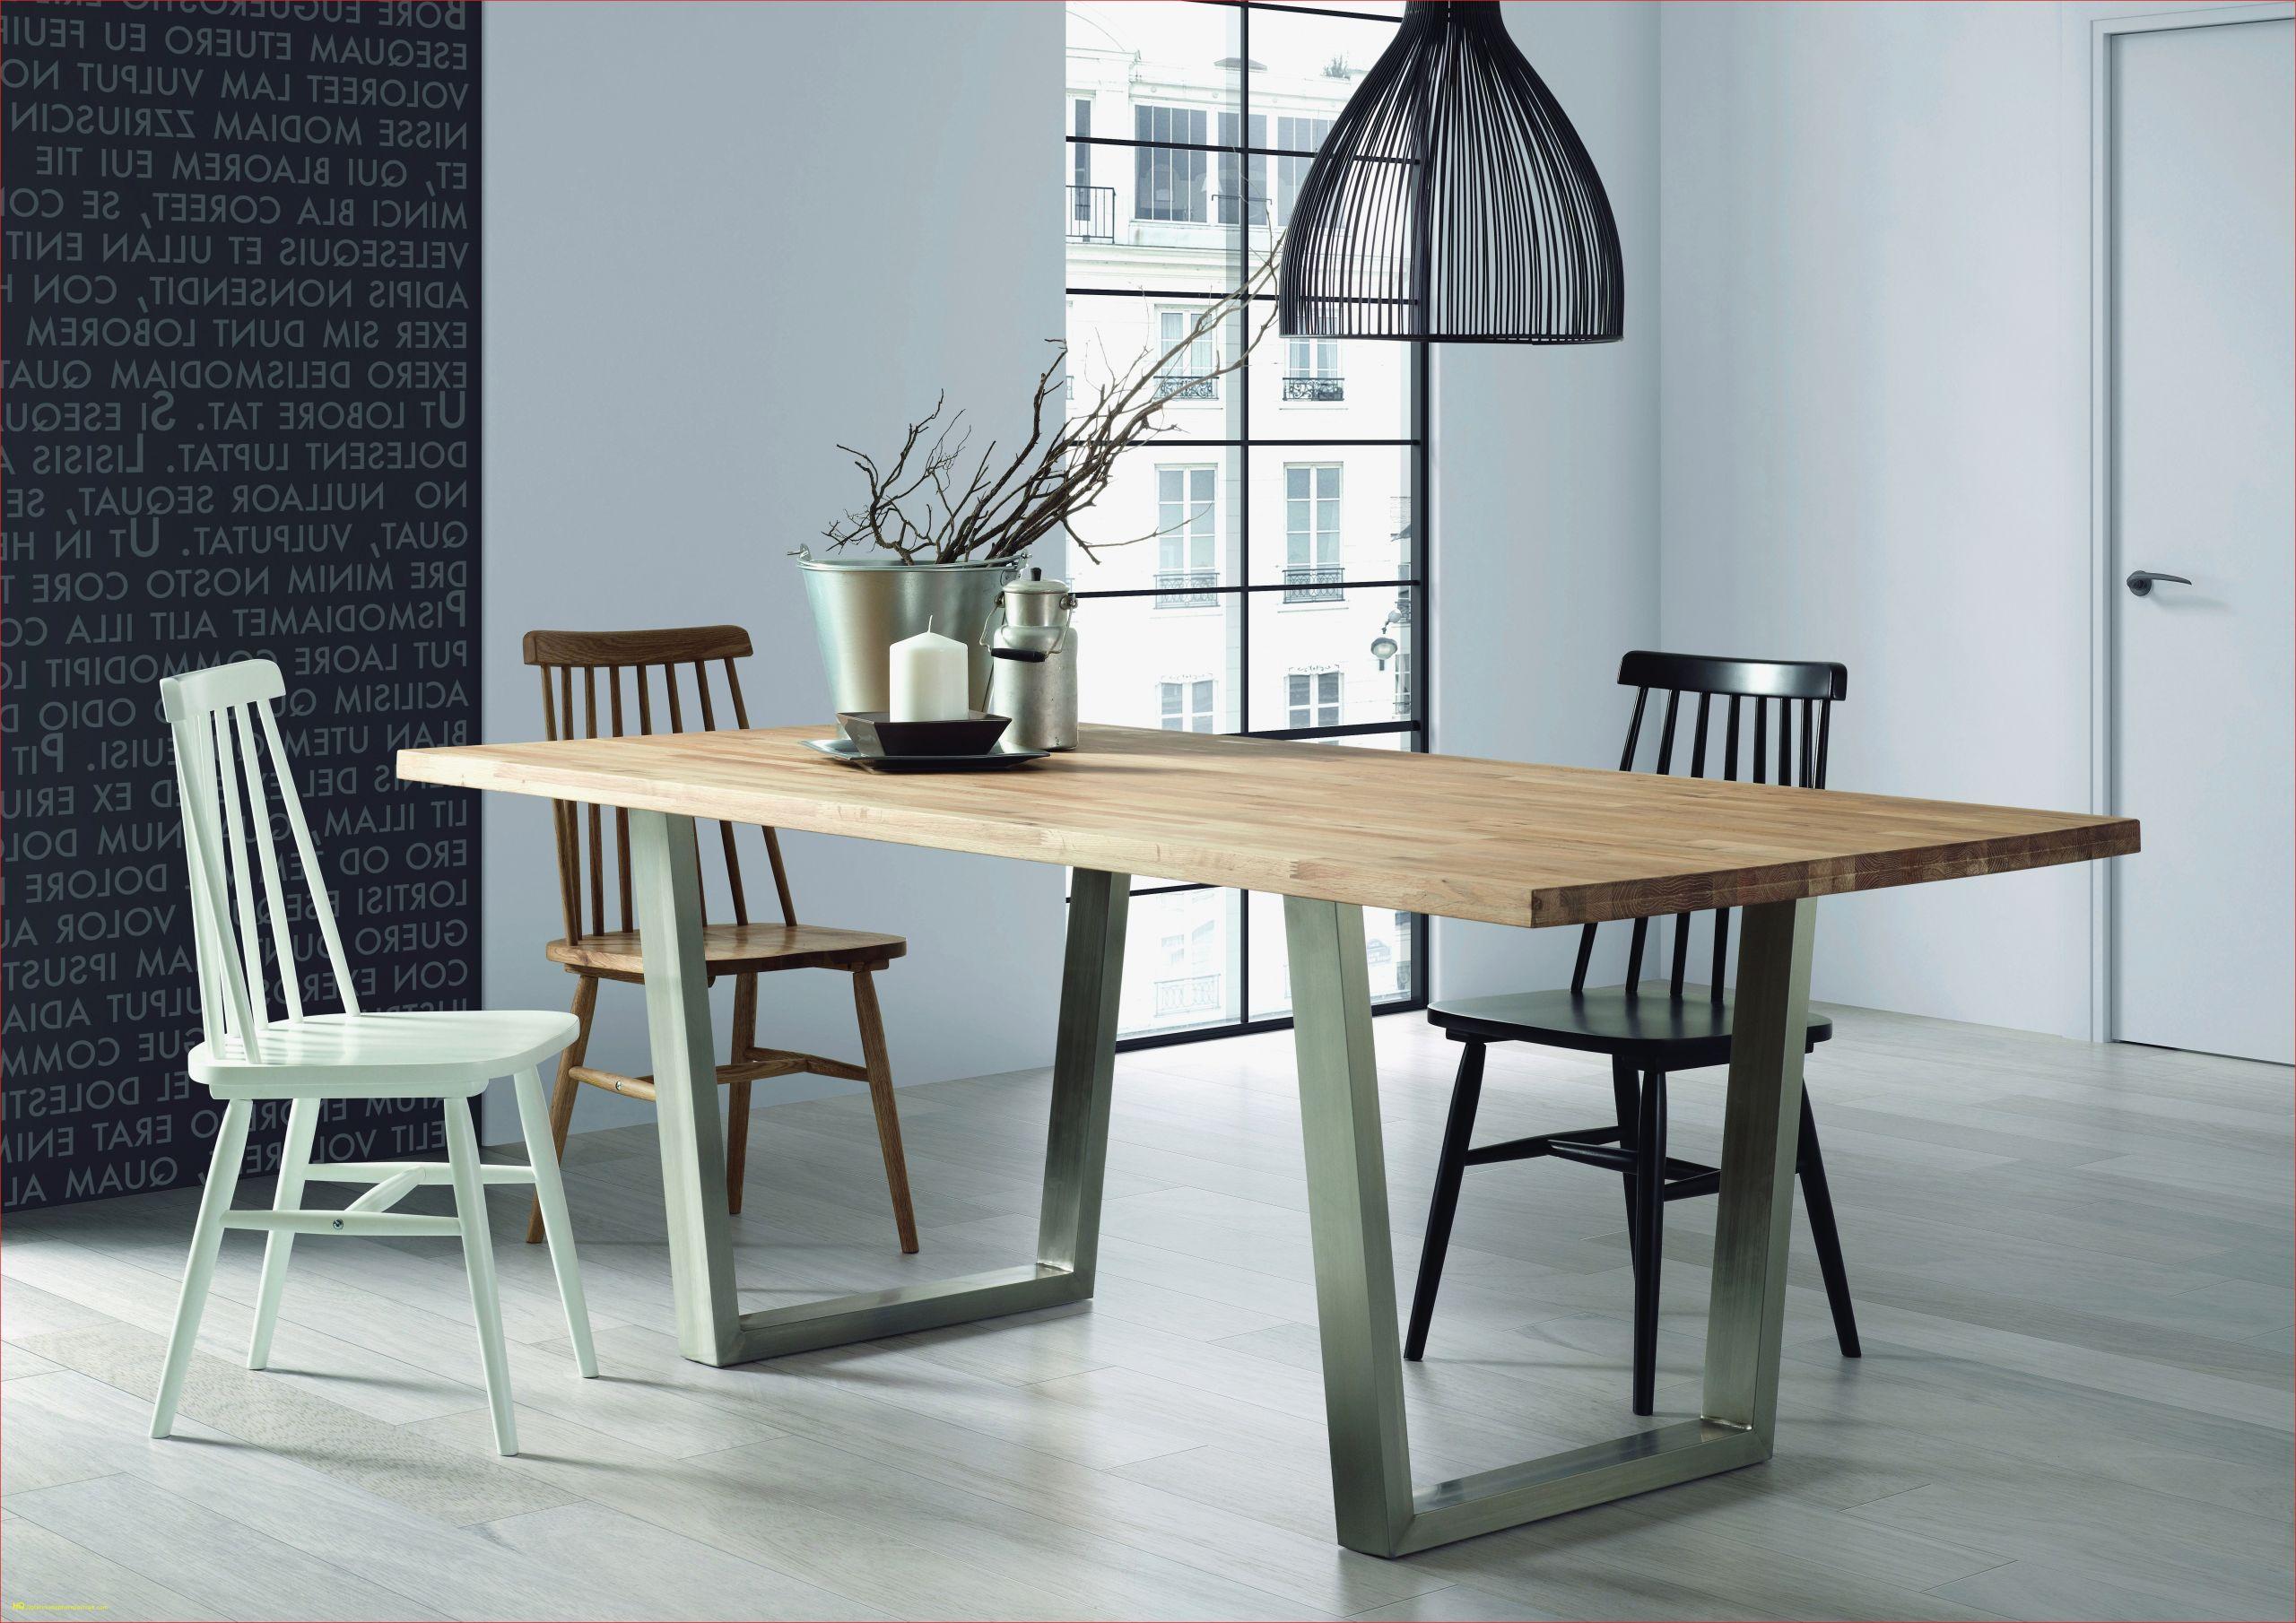 Besta Salle A Manger table et chaise de jardin ikea best of conseils pour table